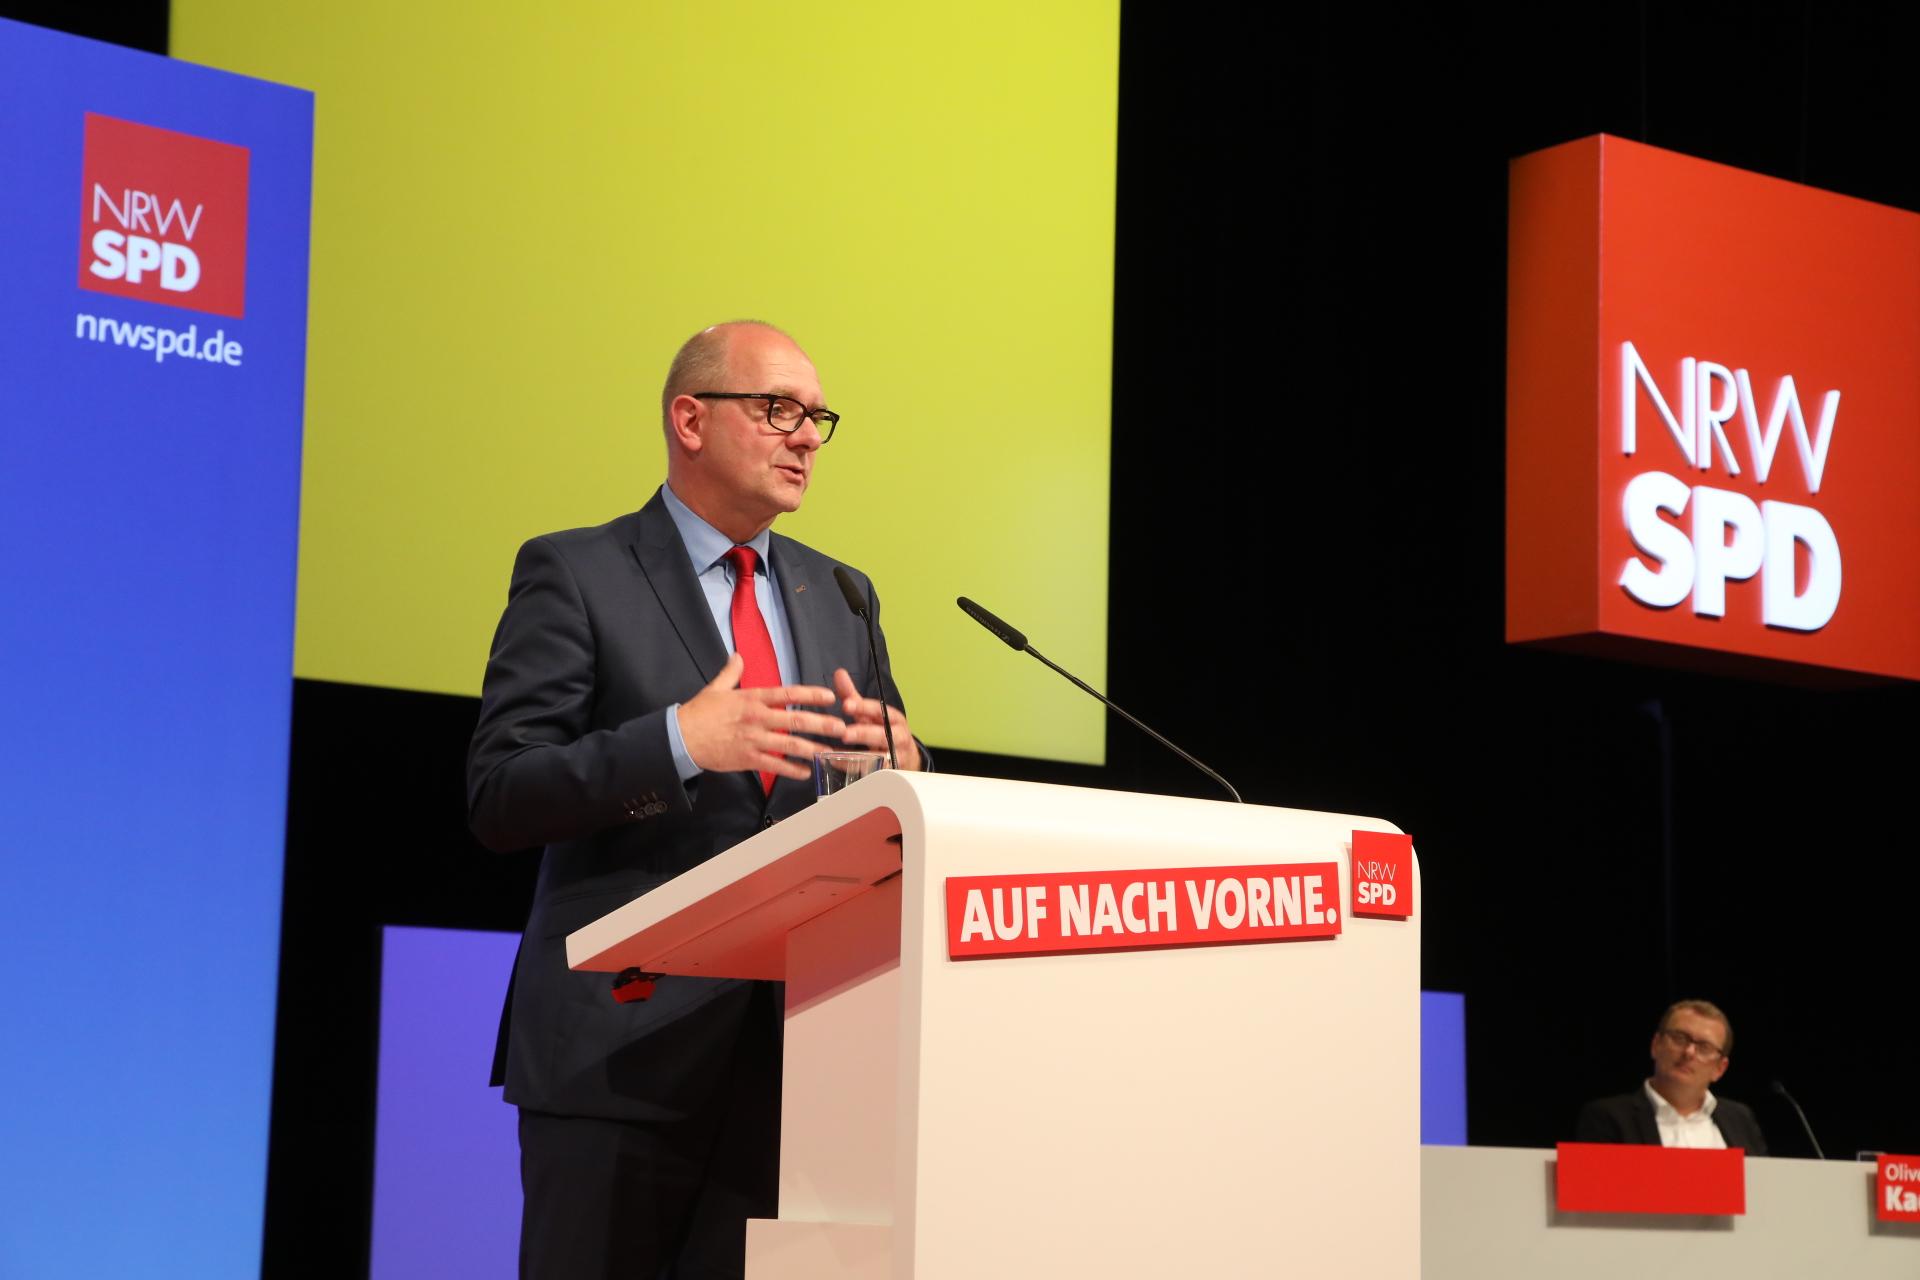 Andre Stinka hält eine Rede auf dem Landesparteitag